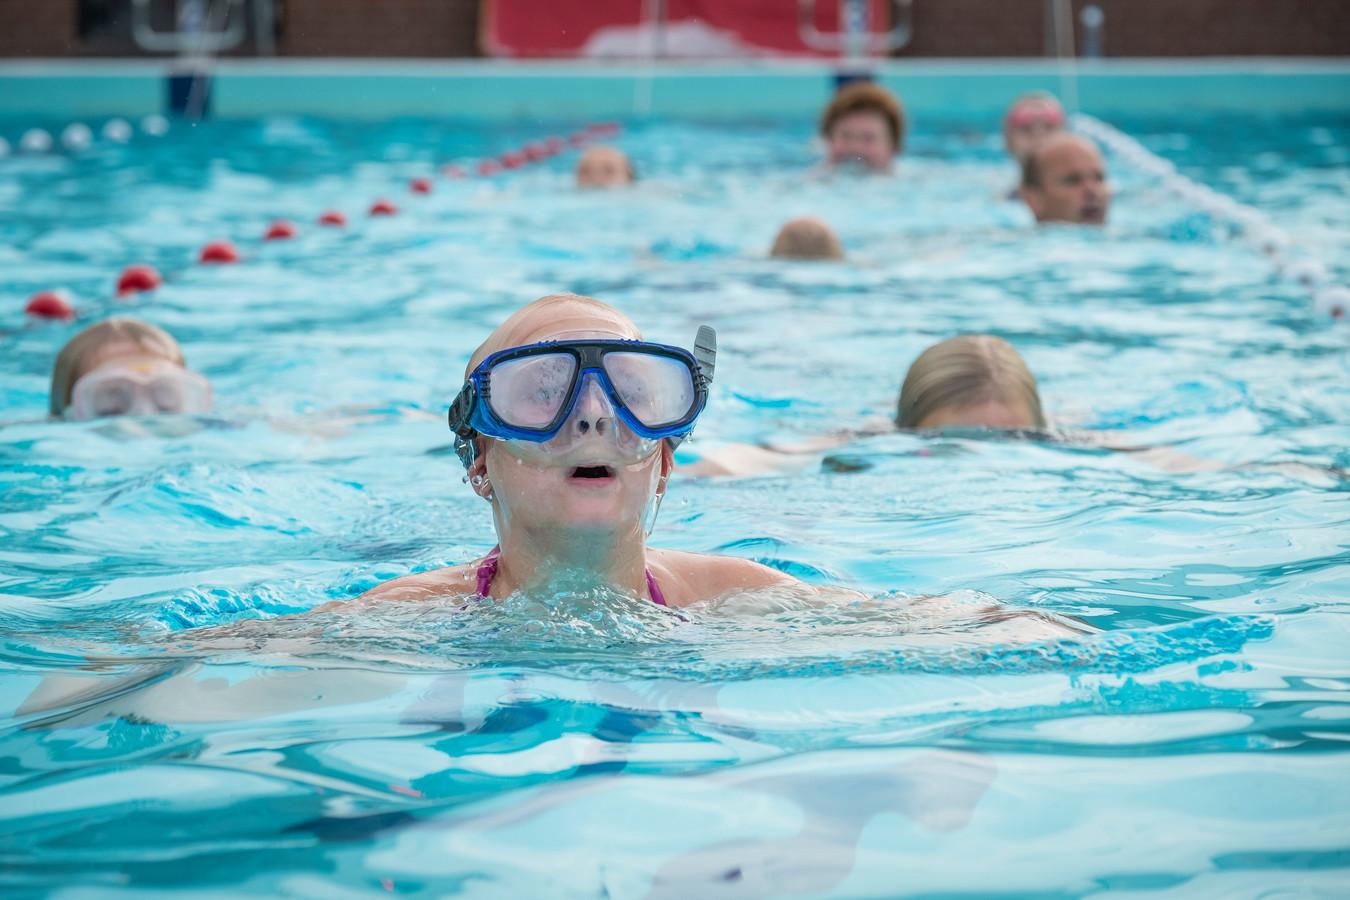 De Hokseberg is deze week voor het laatst geopend. In de laatste week van het zwemjaar wordt de vierdaagse gehouden.